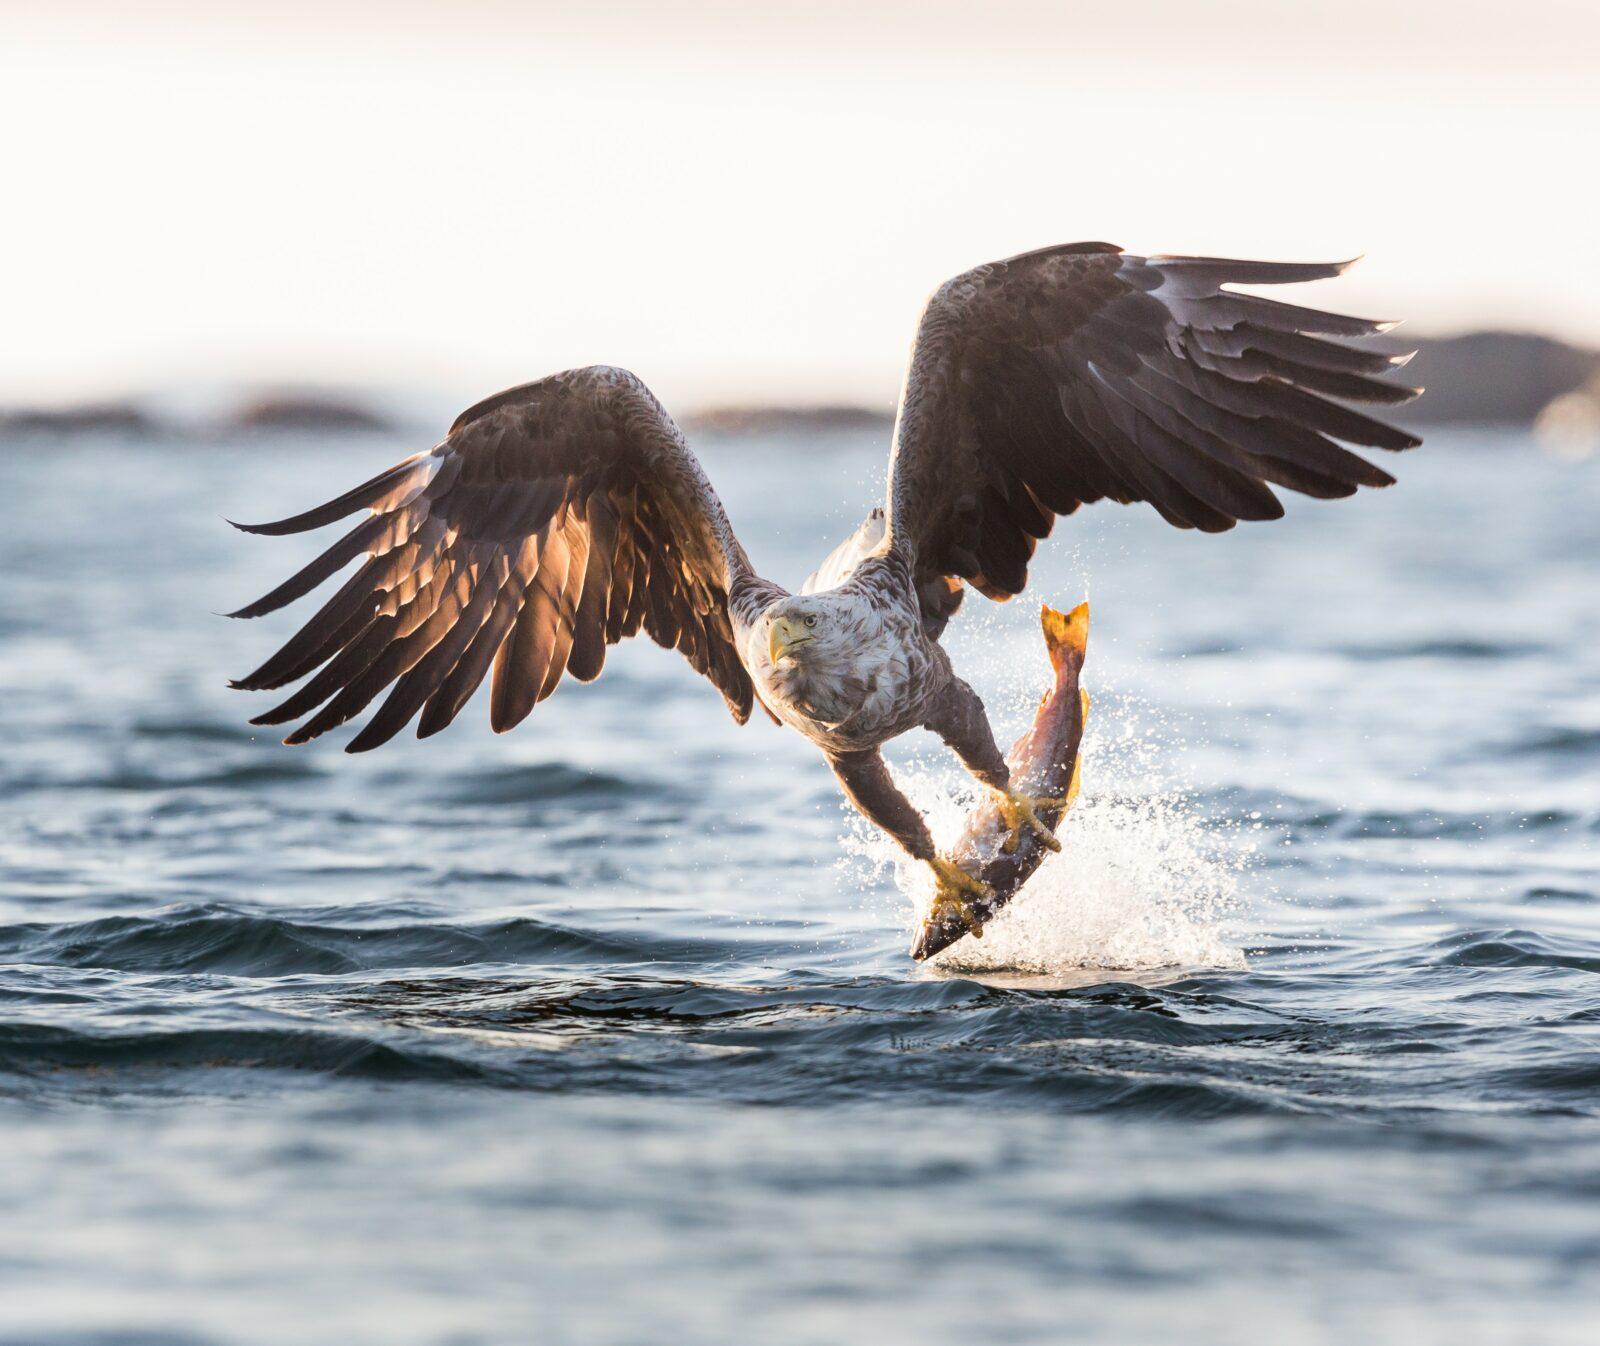 Havsörn, fisk, rovfågel, hav, vatten, sjö, insjö, segrar, projekt havsörn, fågel, fåglar, jakt